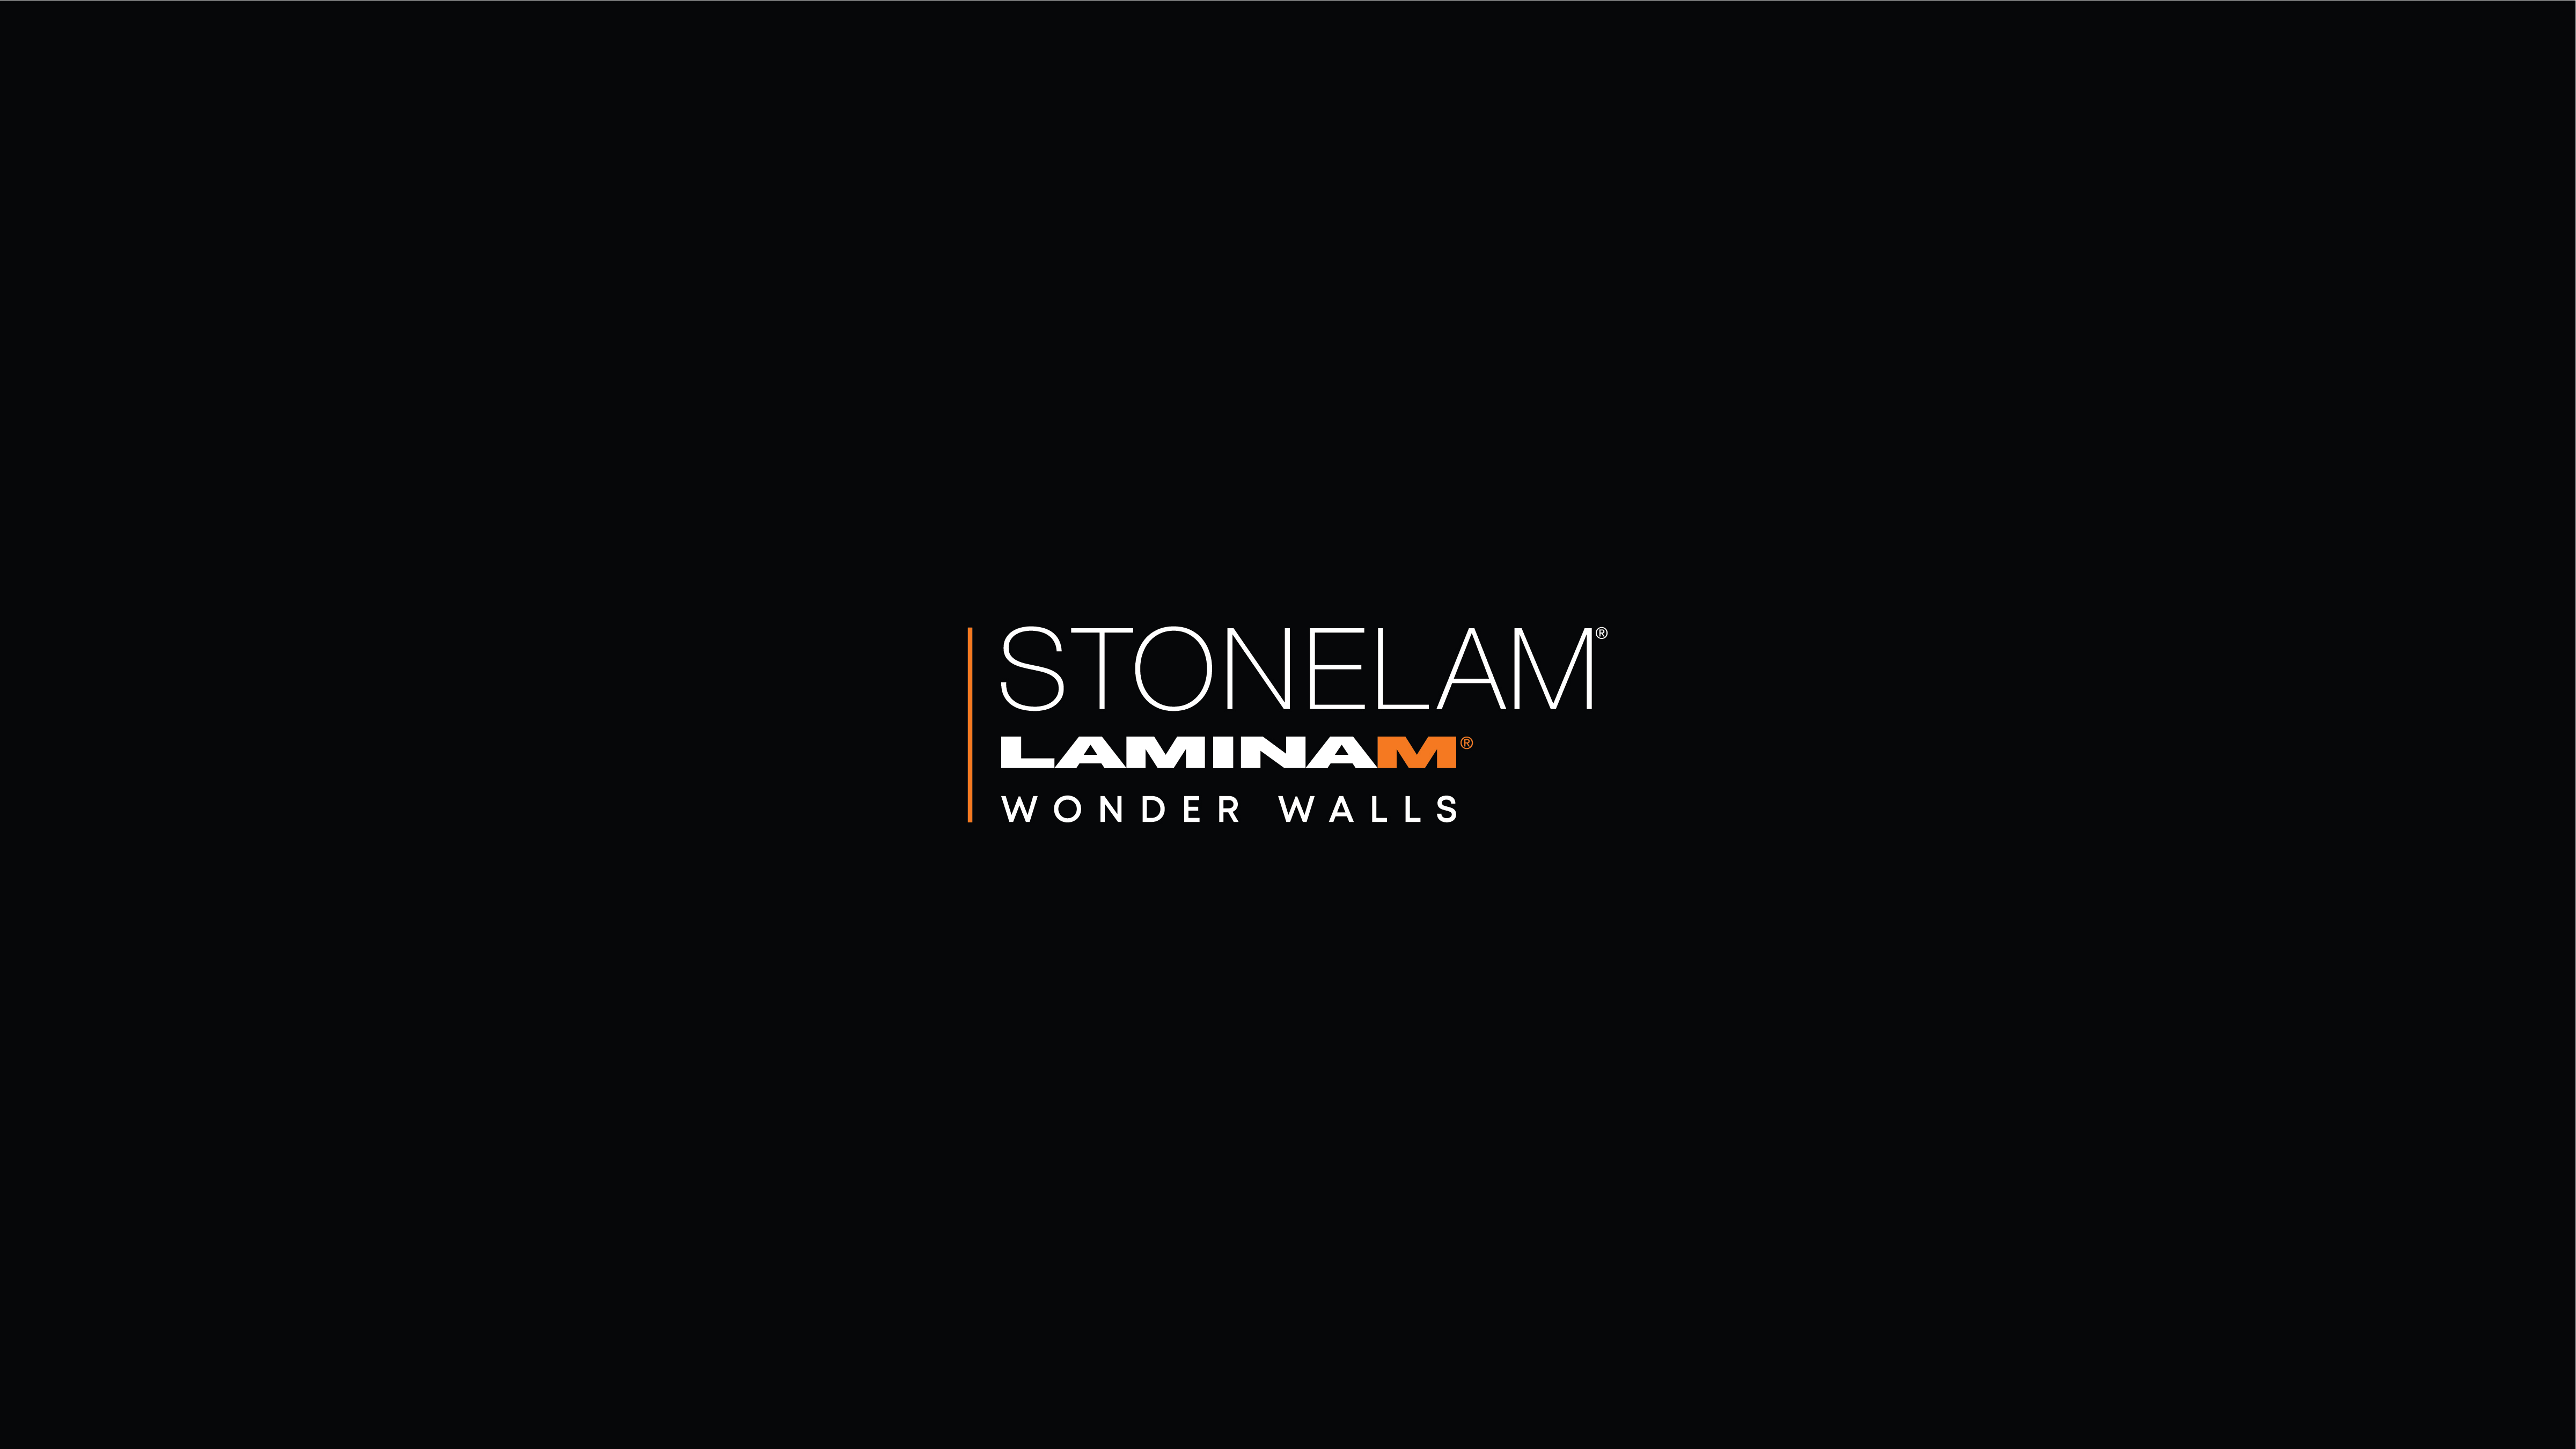 stonelam